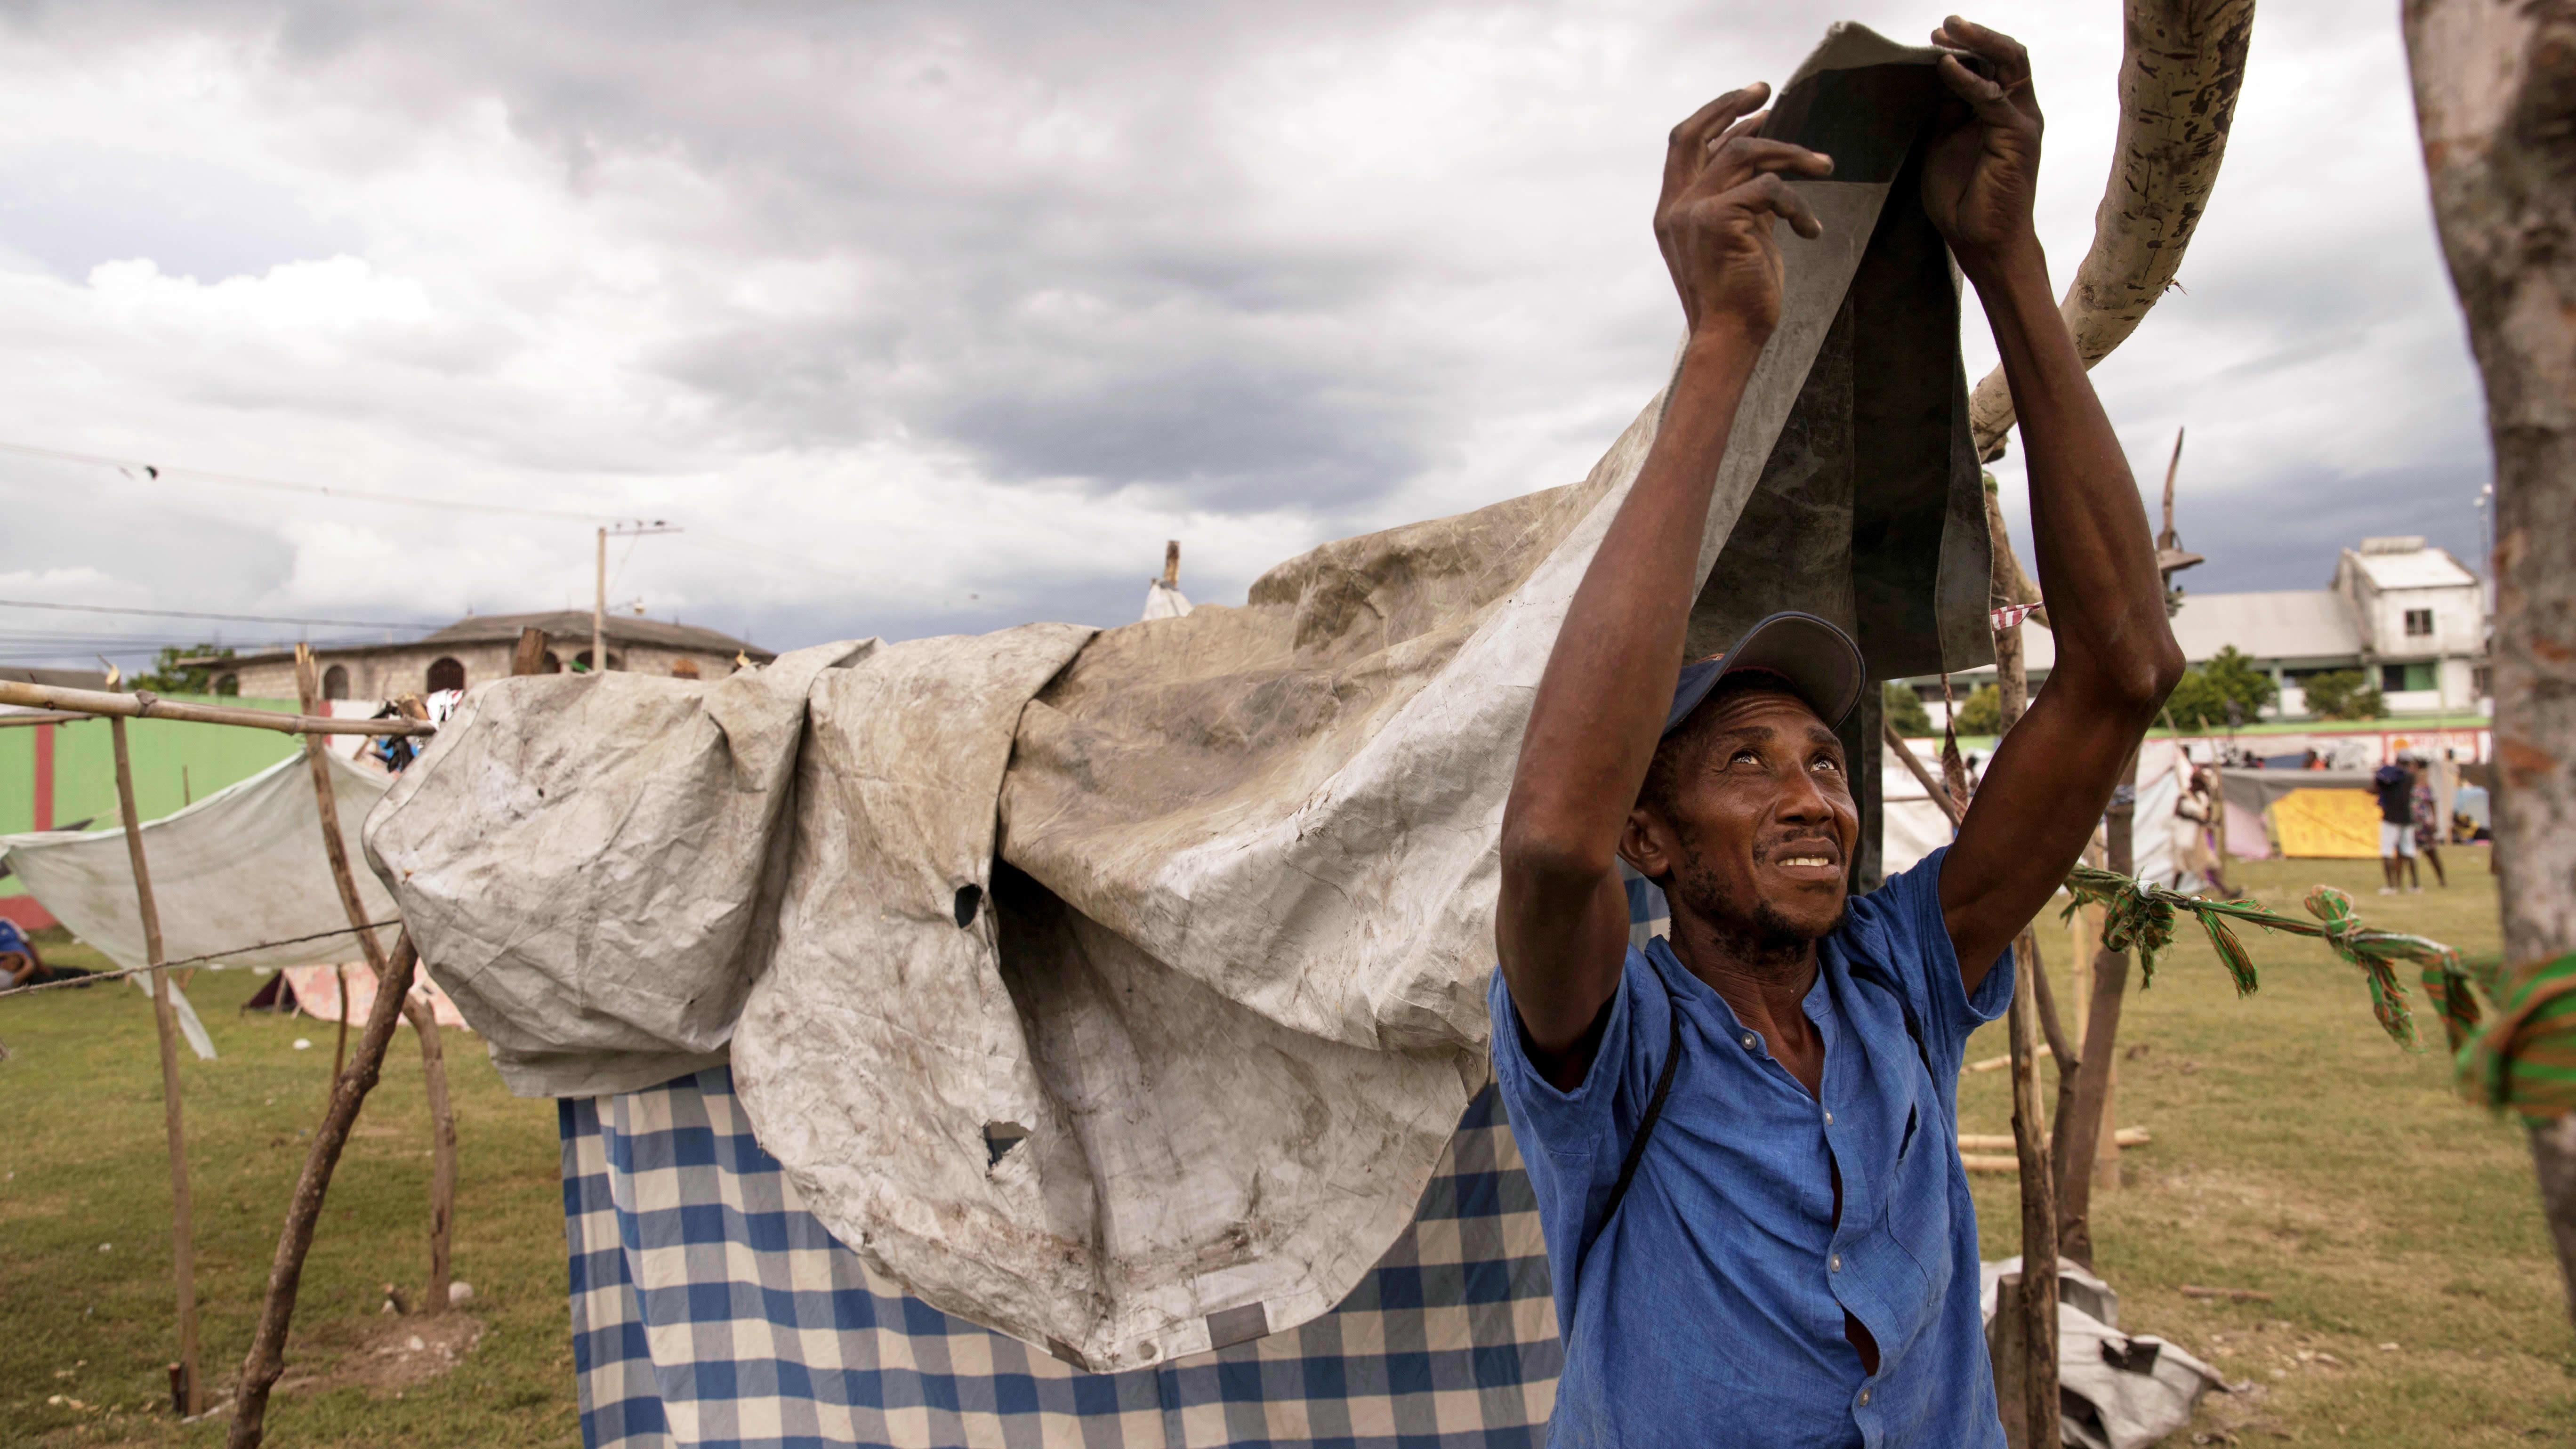 Ihminen rakentaa sateensuojaa väliaikaisen majoituksen leirissä Haitissa, lähestyvältä myrskyltä suojaamaan.